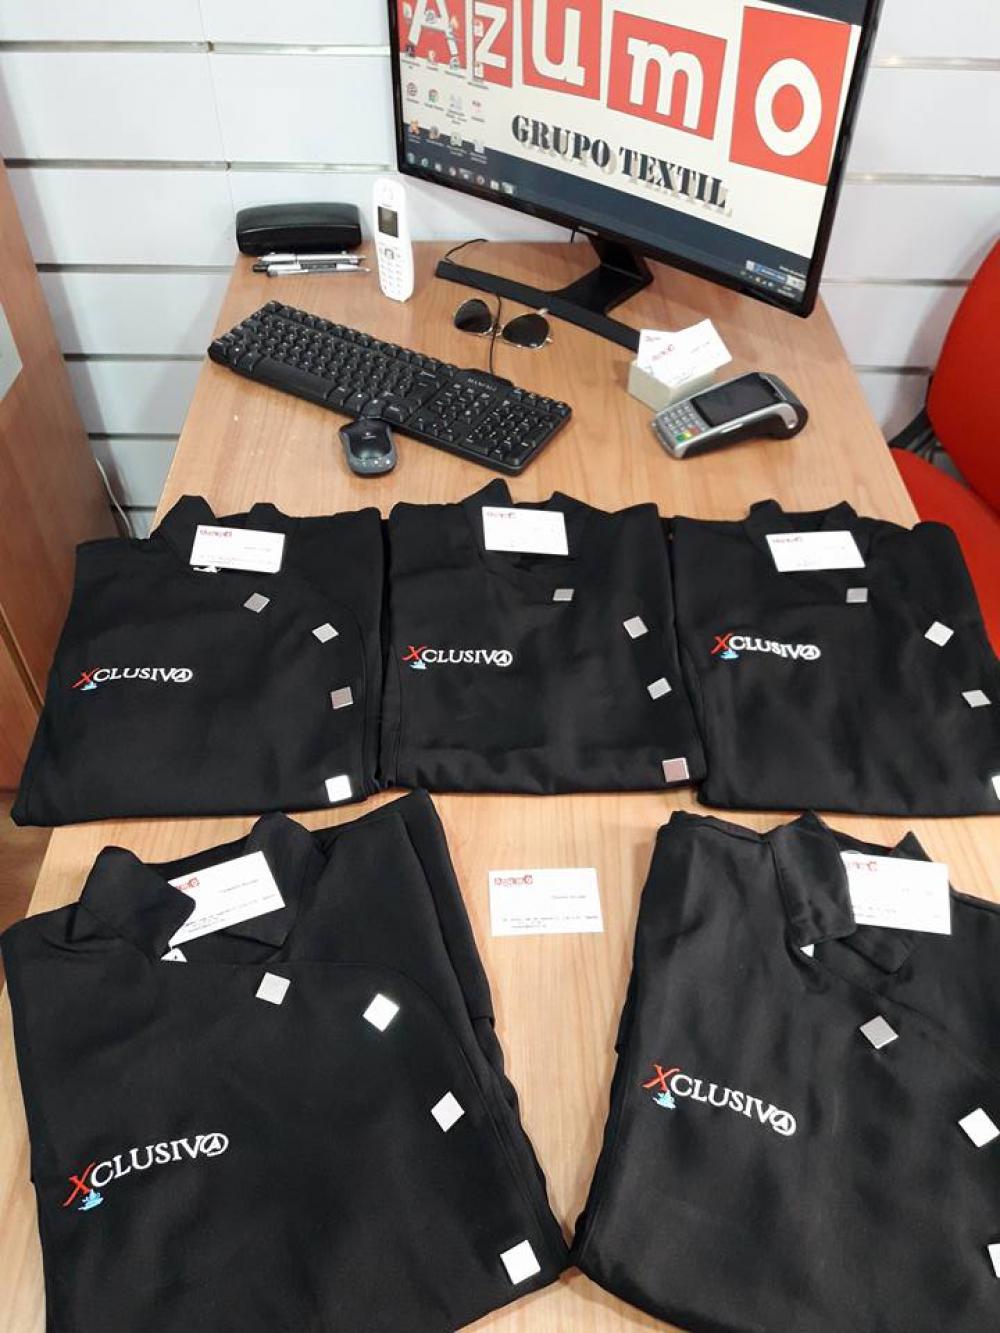 ... bordar y serigrafiar ropas y prendas de trabajo y laborales en Madrid  centro d2e8e271cd9dc